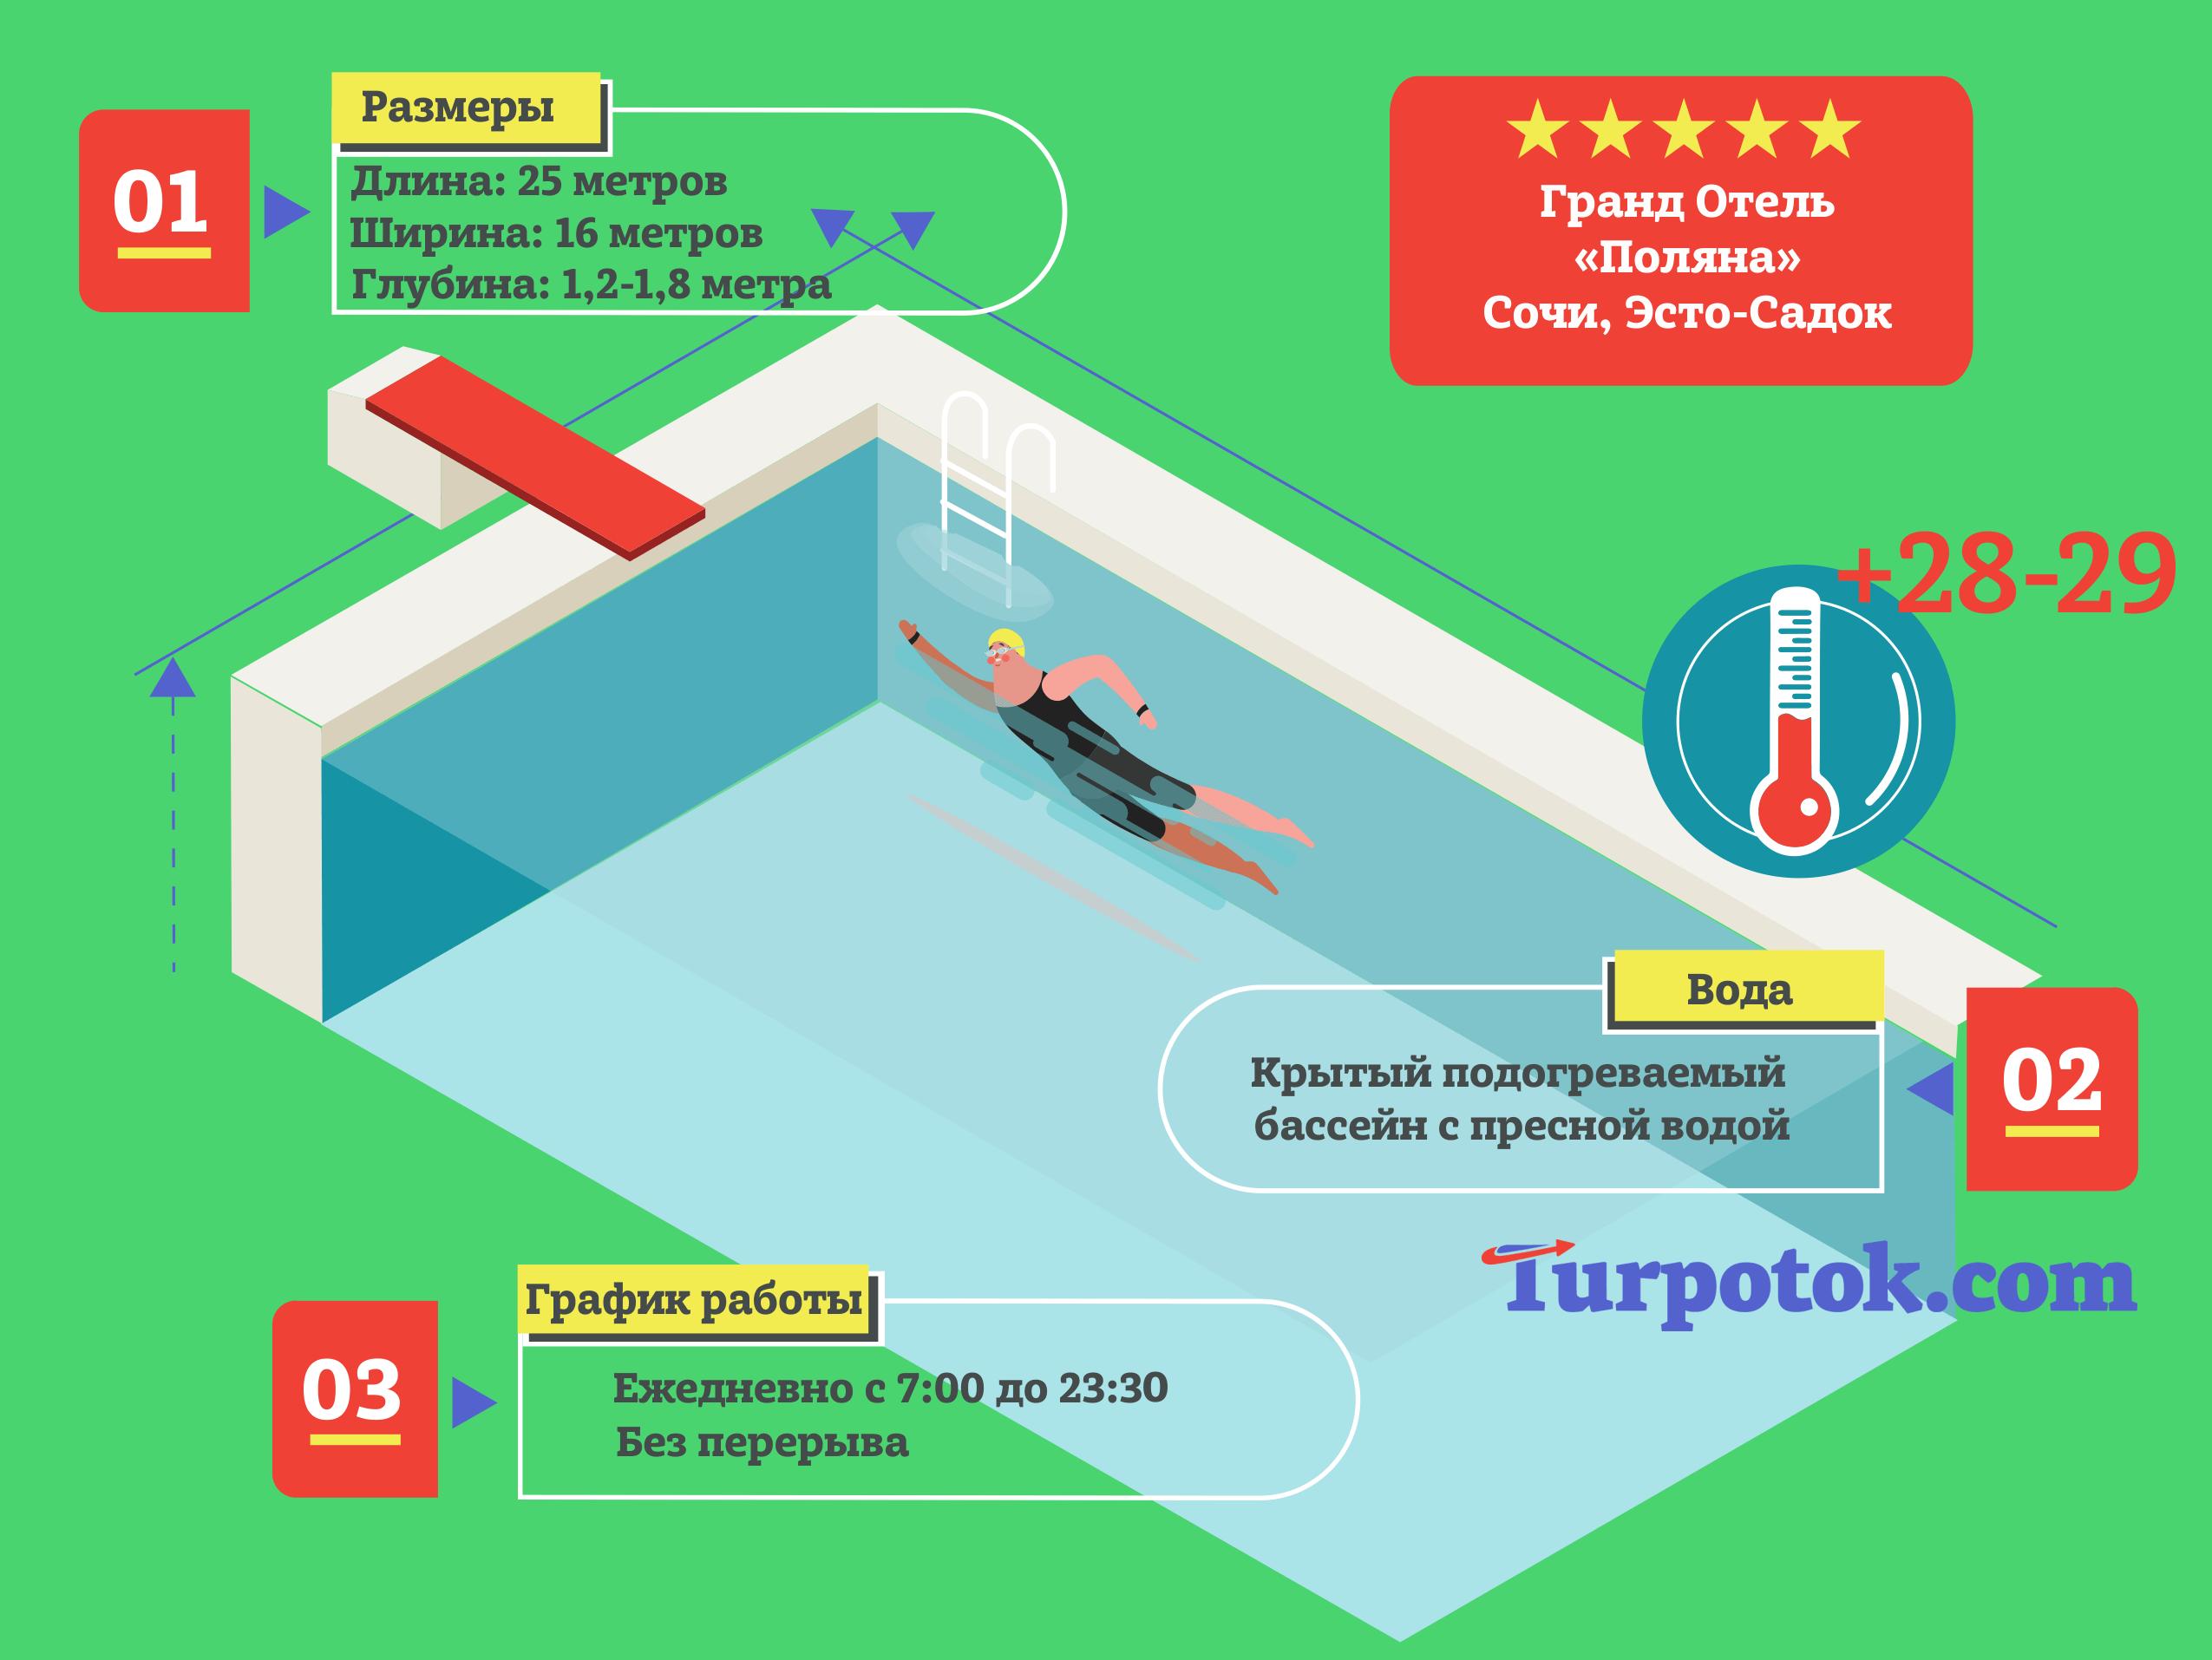 """Инфографика про гранд-отель """"Поляна"""" в городе Сочи"""